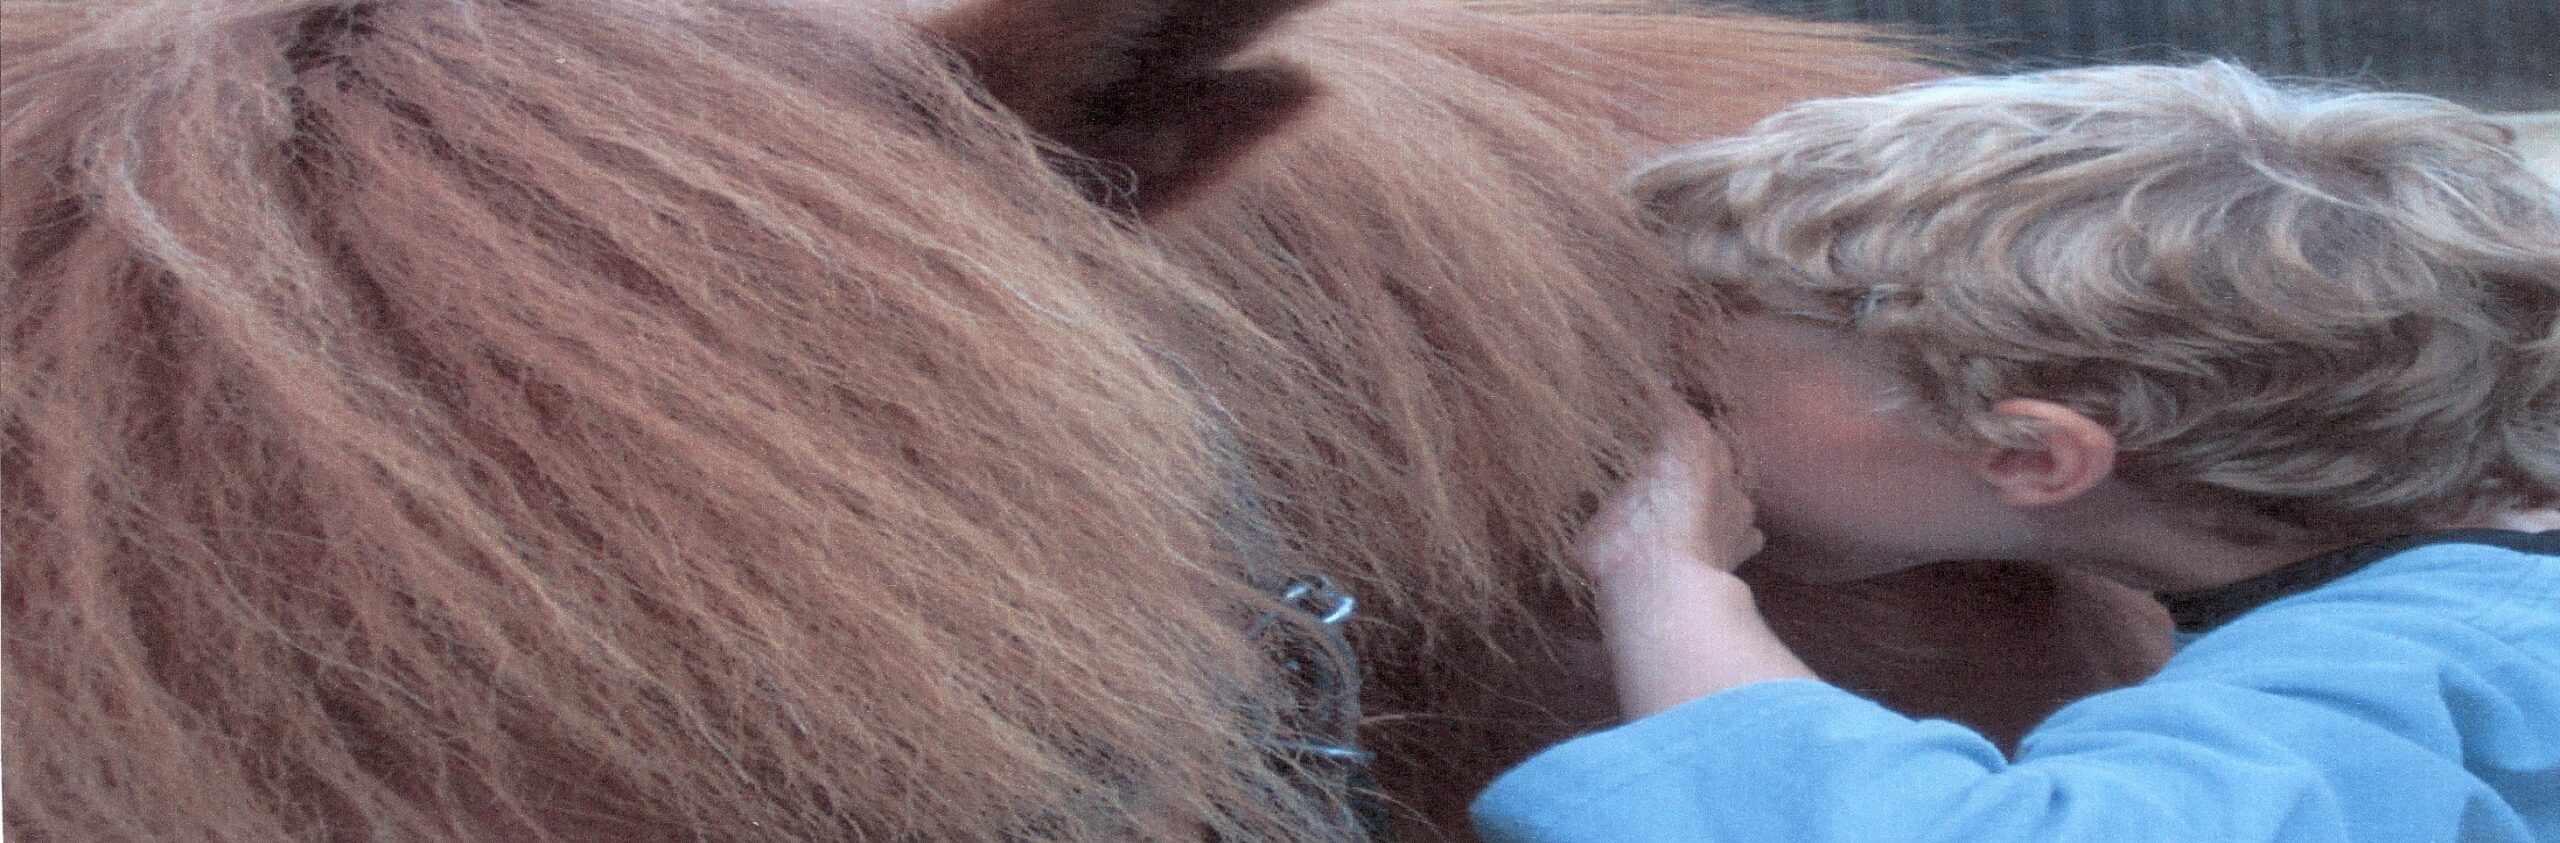 Mulighed for praktik hos Skolen for Rideterapi. Blind dreng og hest.